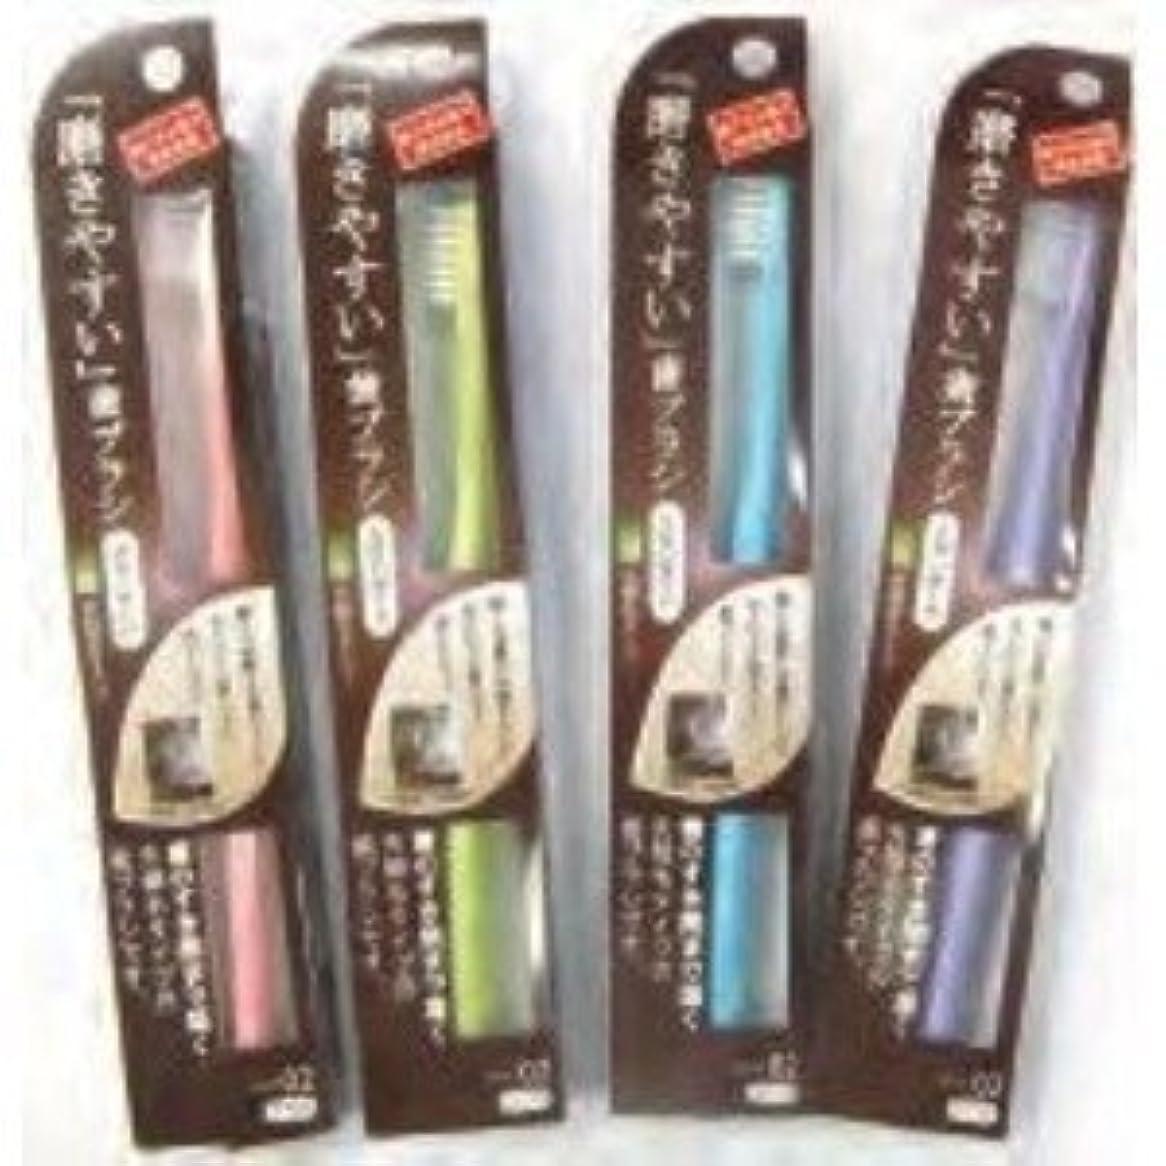 フルーツ限りなく誇張する「磨きやすい」歯ブラシ(毛先が細い) 色アソート【12個セット】 LT-02